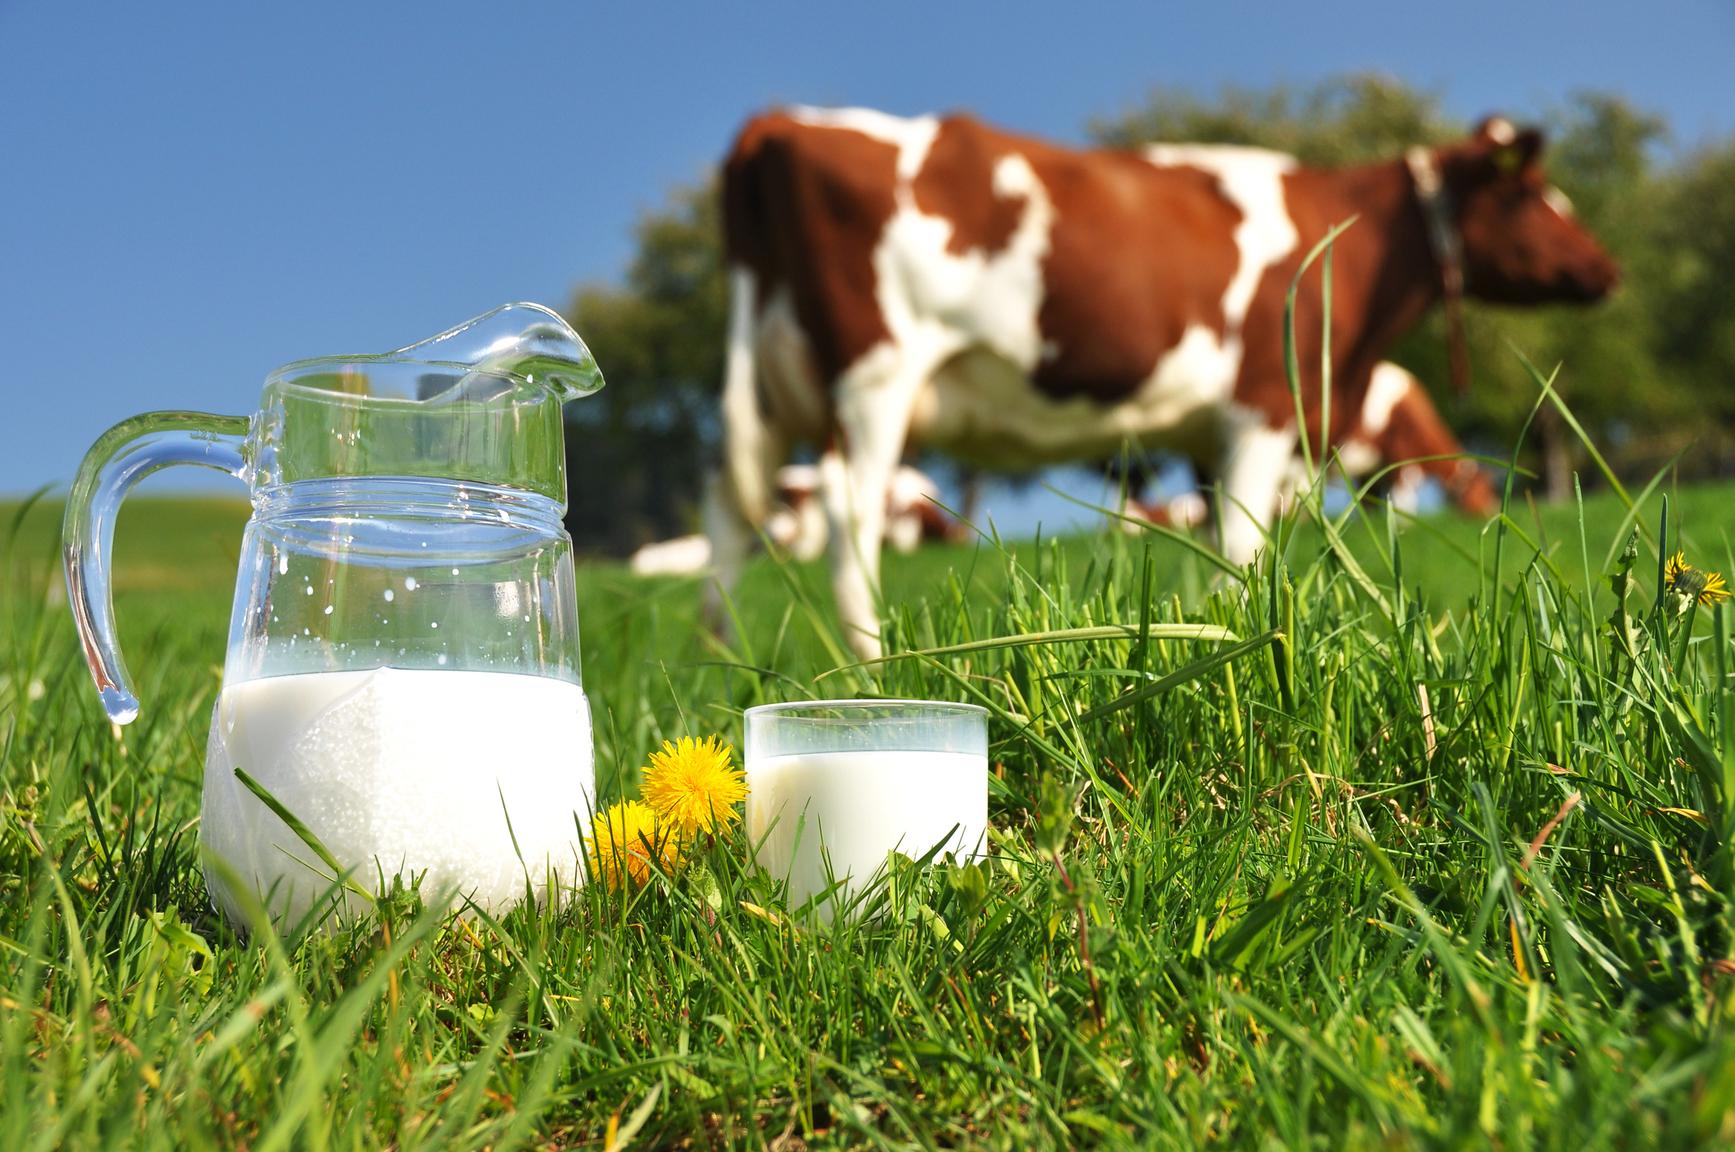 Jarra y vaso de leche en el campo y una vaca